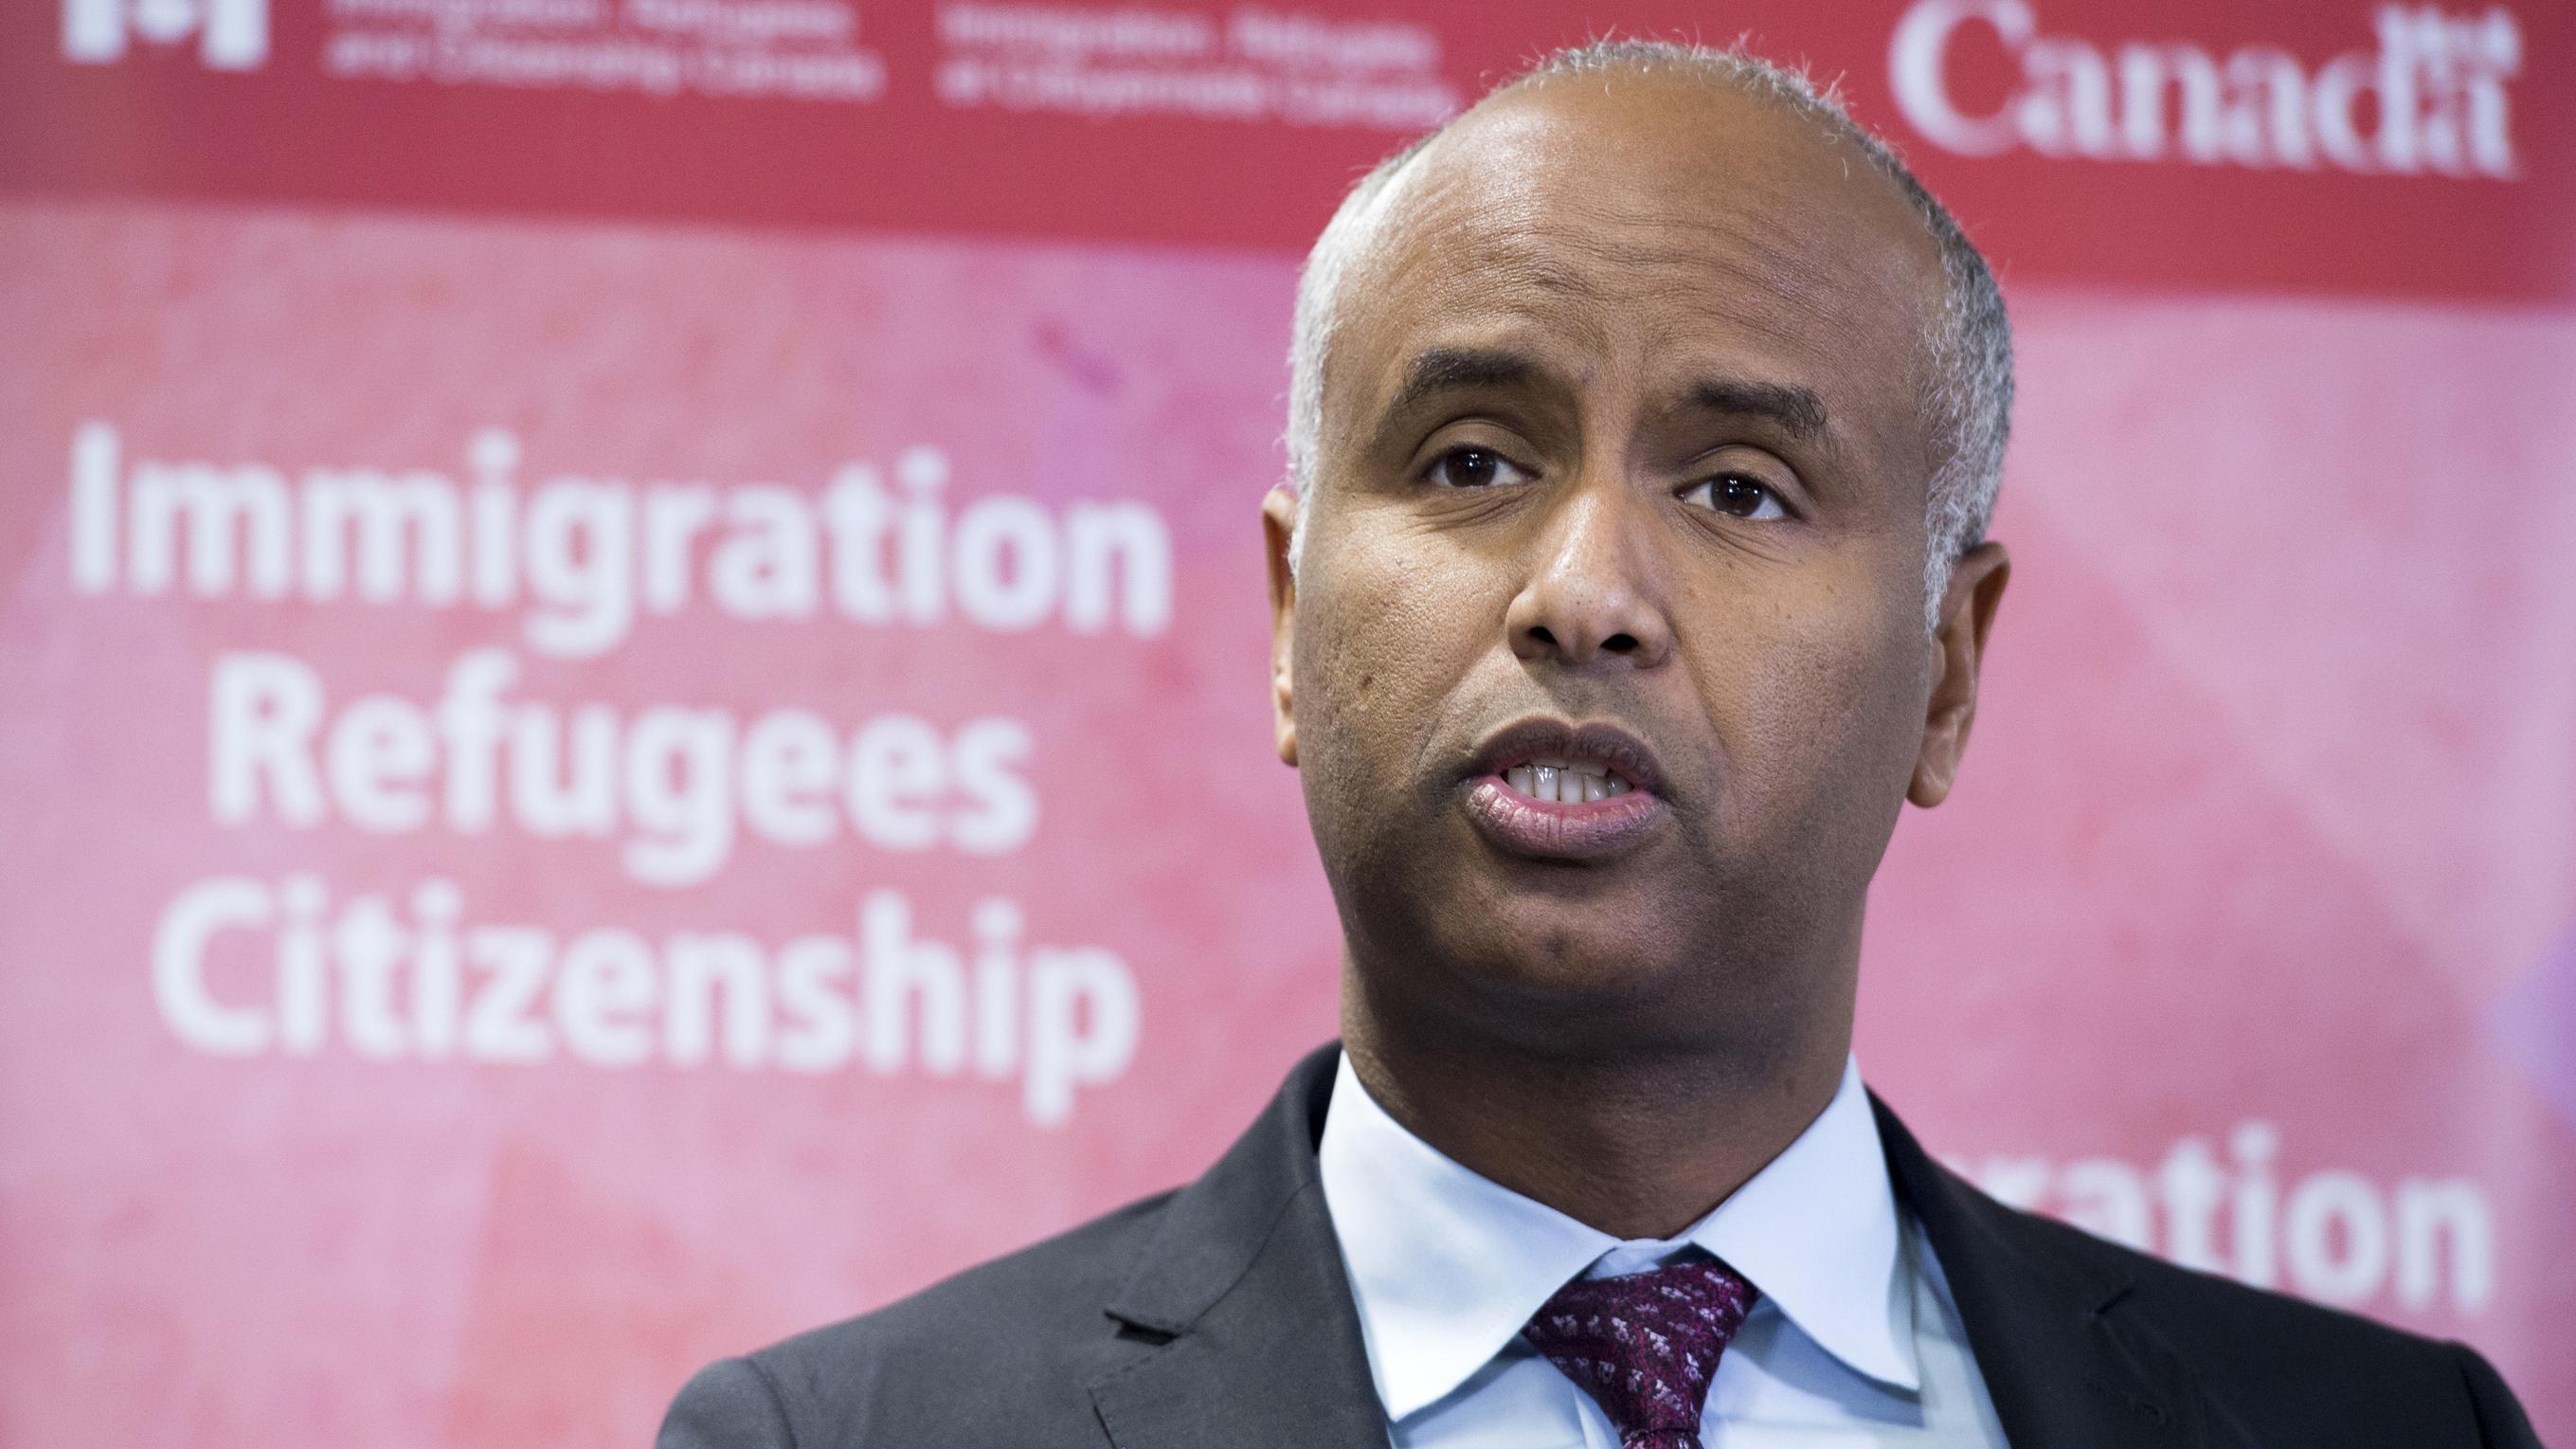 Ahmed Hussen, der kanadische Minister für Einwanderung, Flüchtlinge und Staatsbürgerschaft bei einem Pressetermin in Toronto.